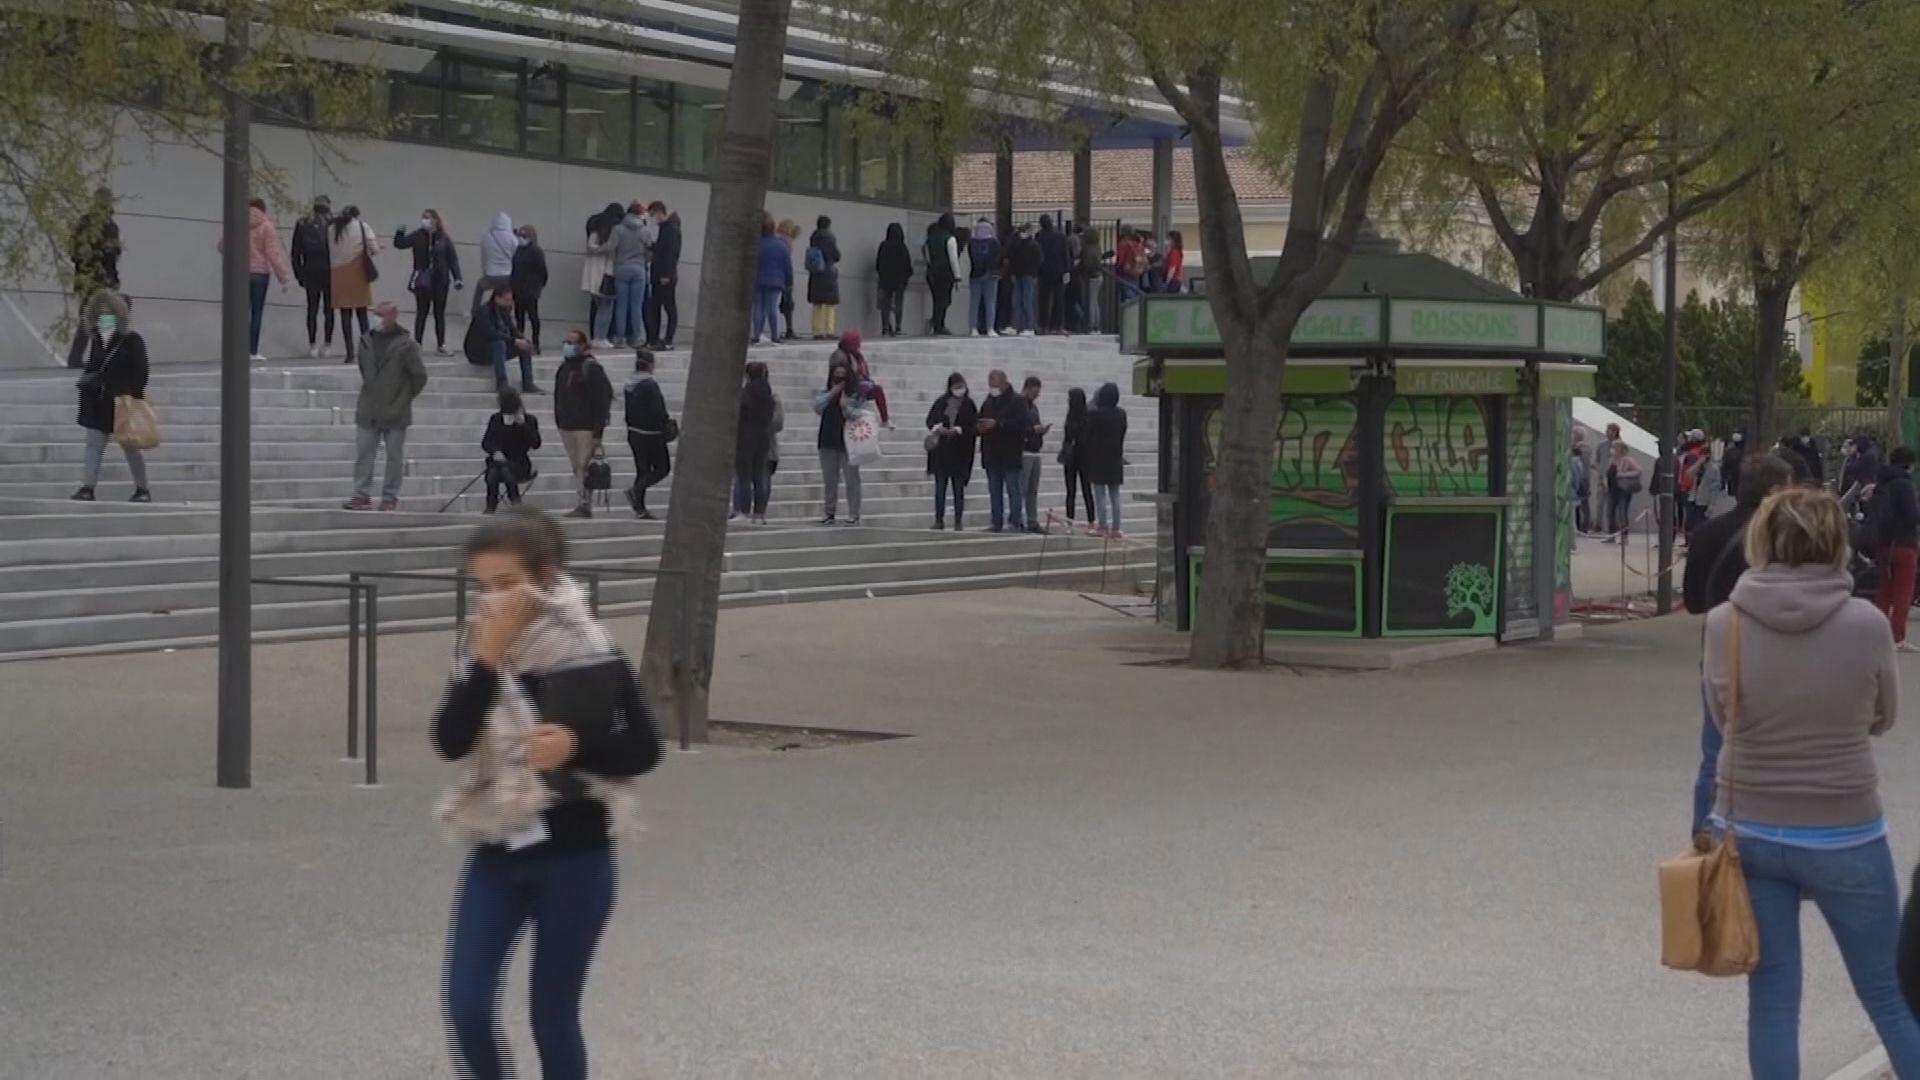 法國加強抗疫措施進一步限制民眾活動